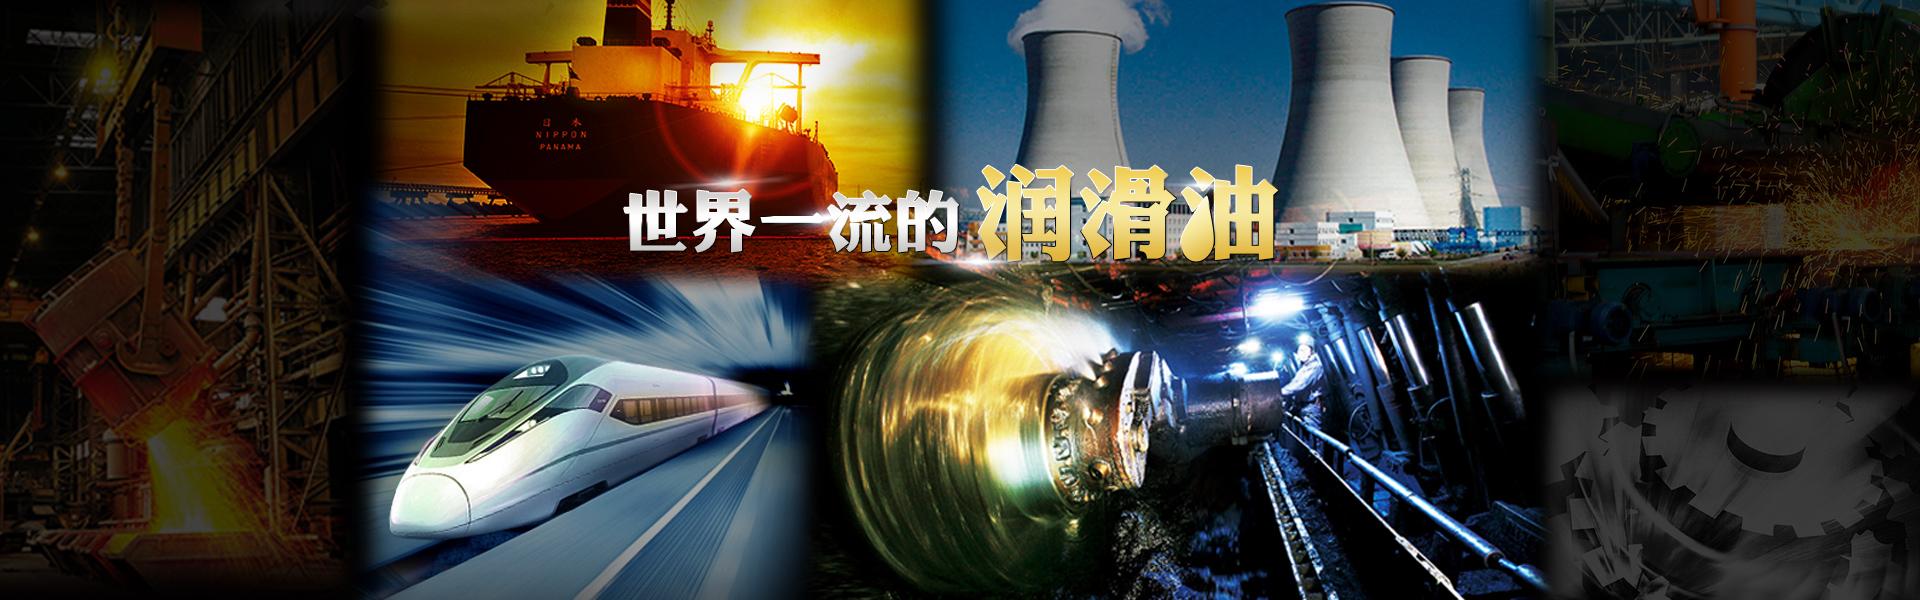 山西日本能源润滑油有限公司banner4